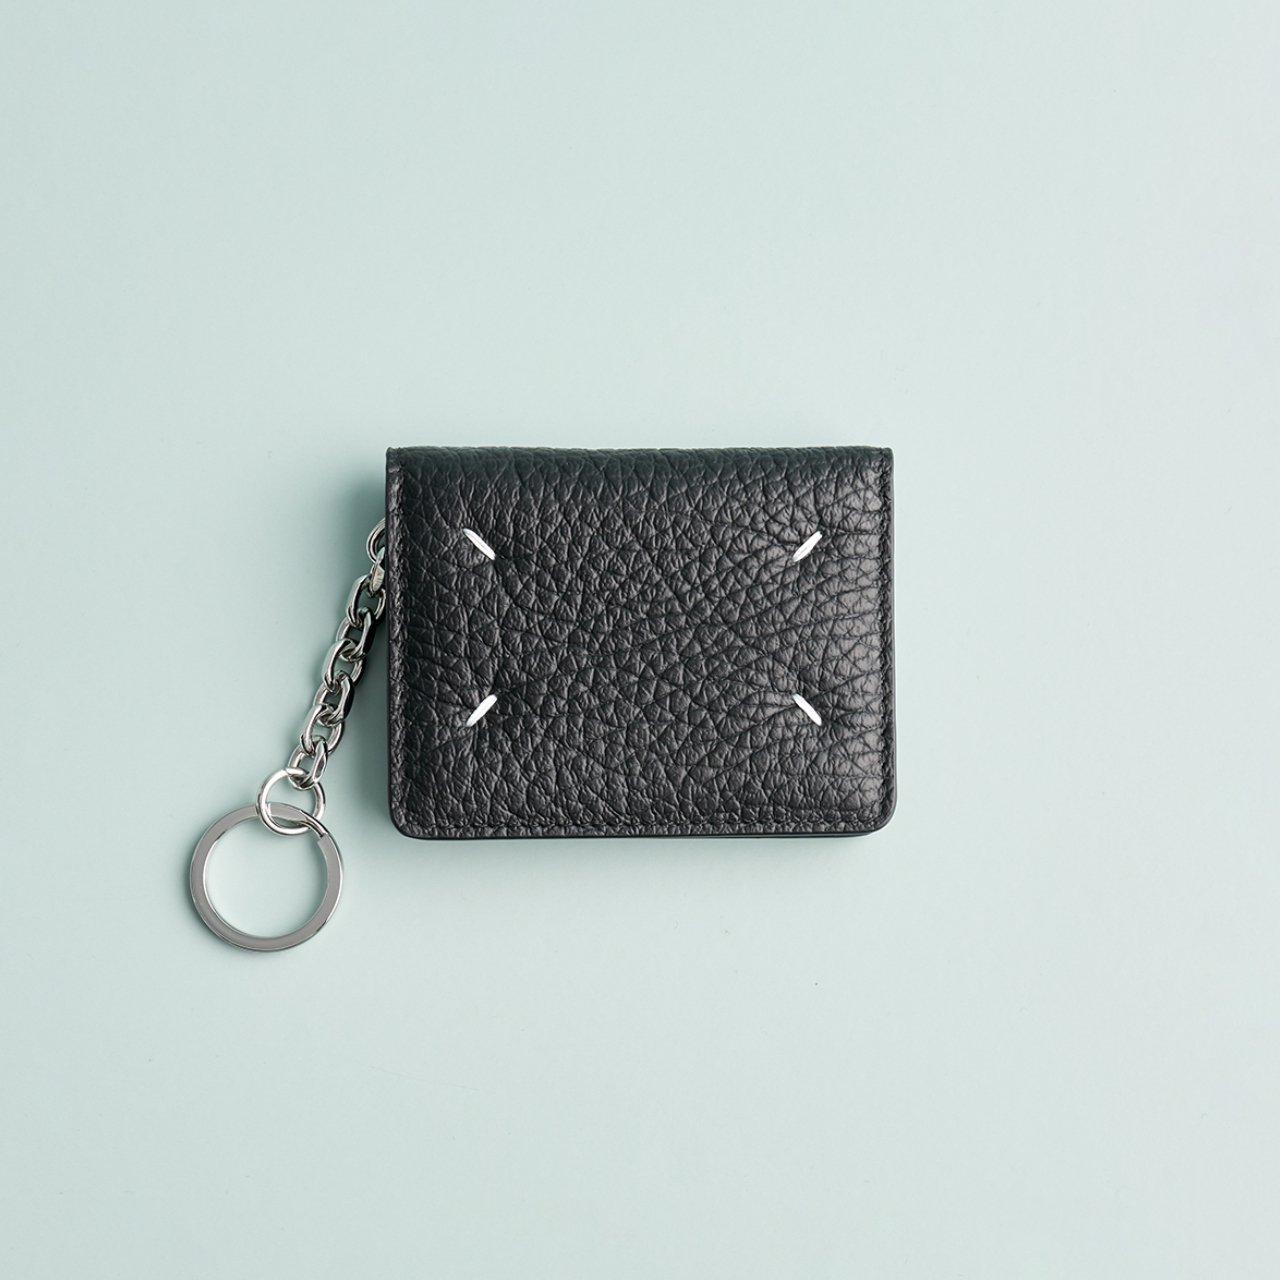 Maison Margiela PARIS <BR> キーホルダー付きカードケース<BR>ブラック